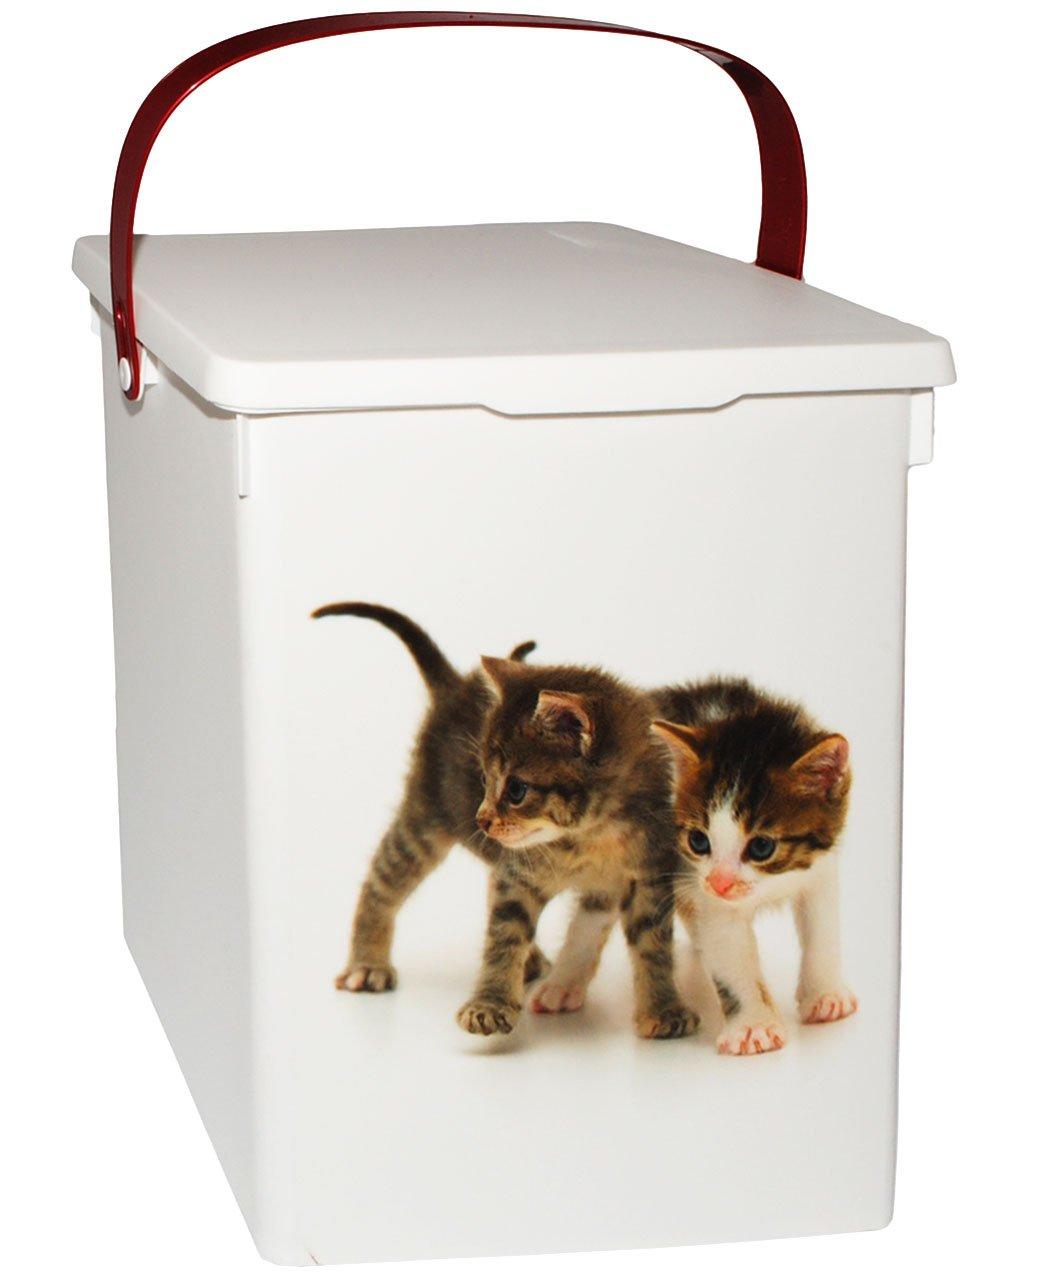 alles-meine.de GmbH Futterdose / Futterbox - Süße Katzen - für Tierfutter - Katzenfutter - 5 L..